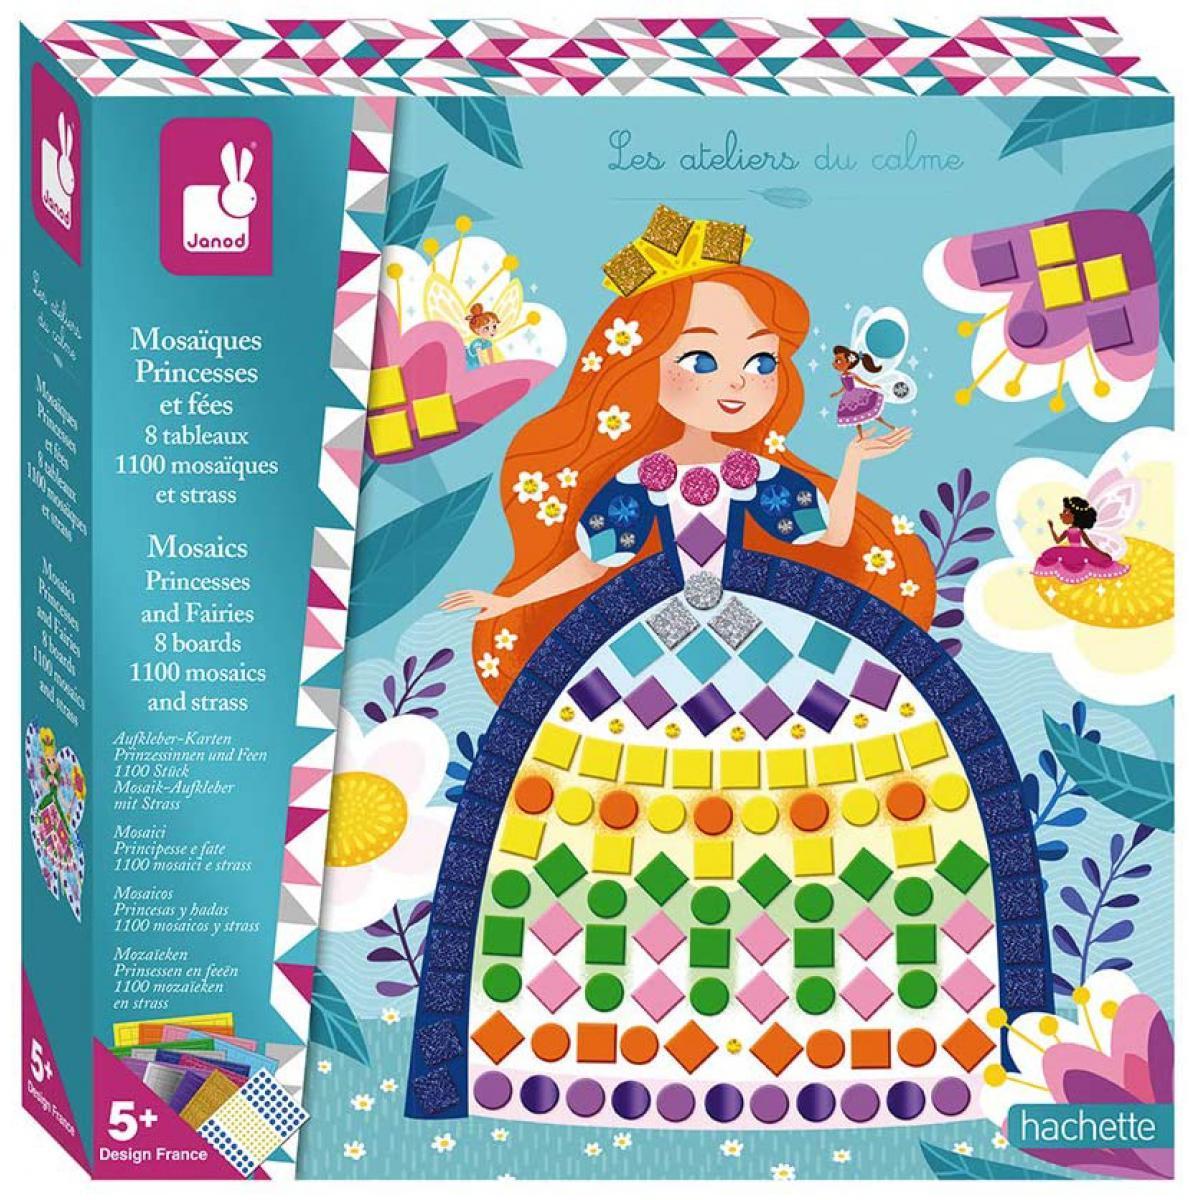 Juratoys-Janod Mosaiques princesses et fees